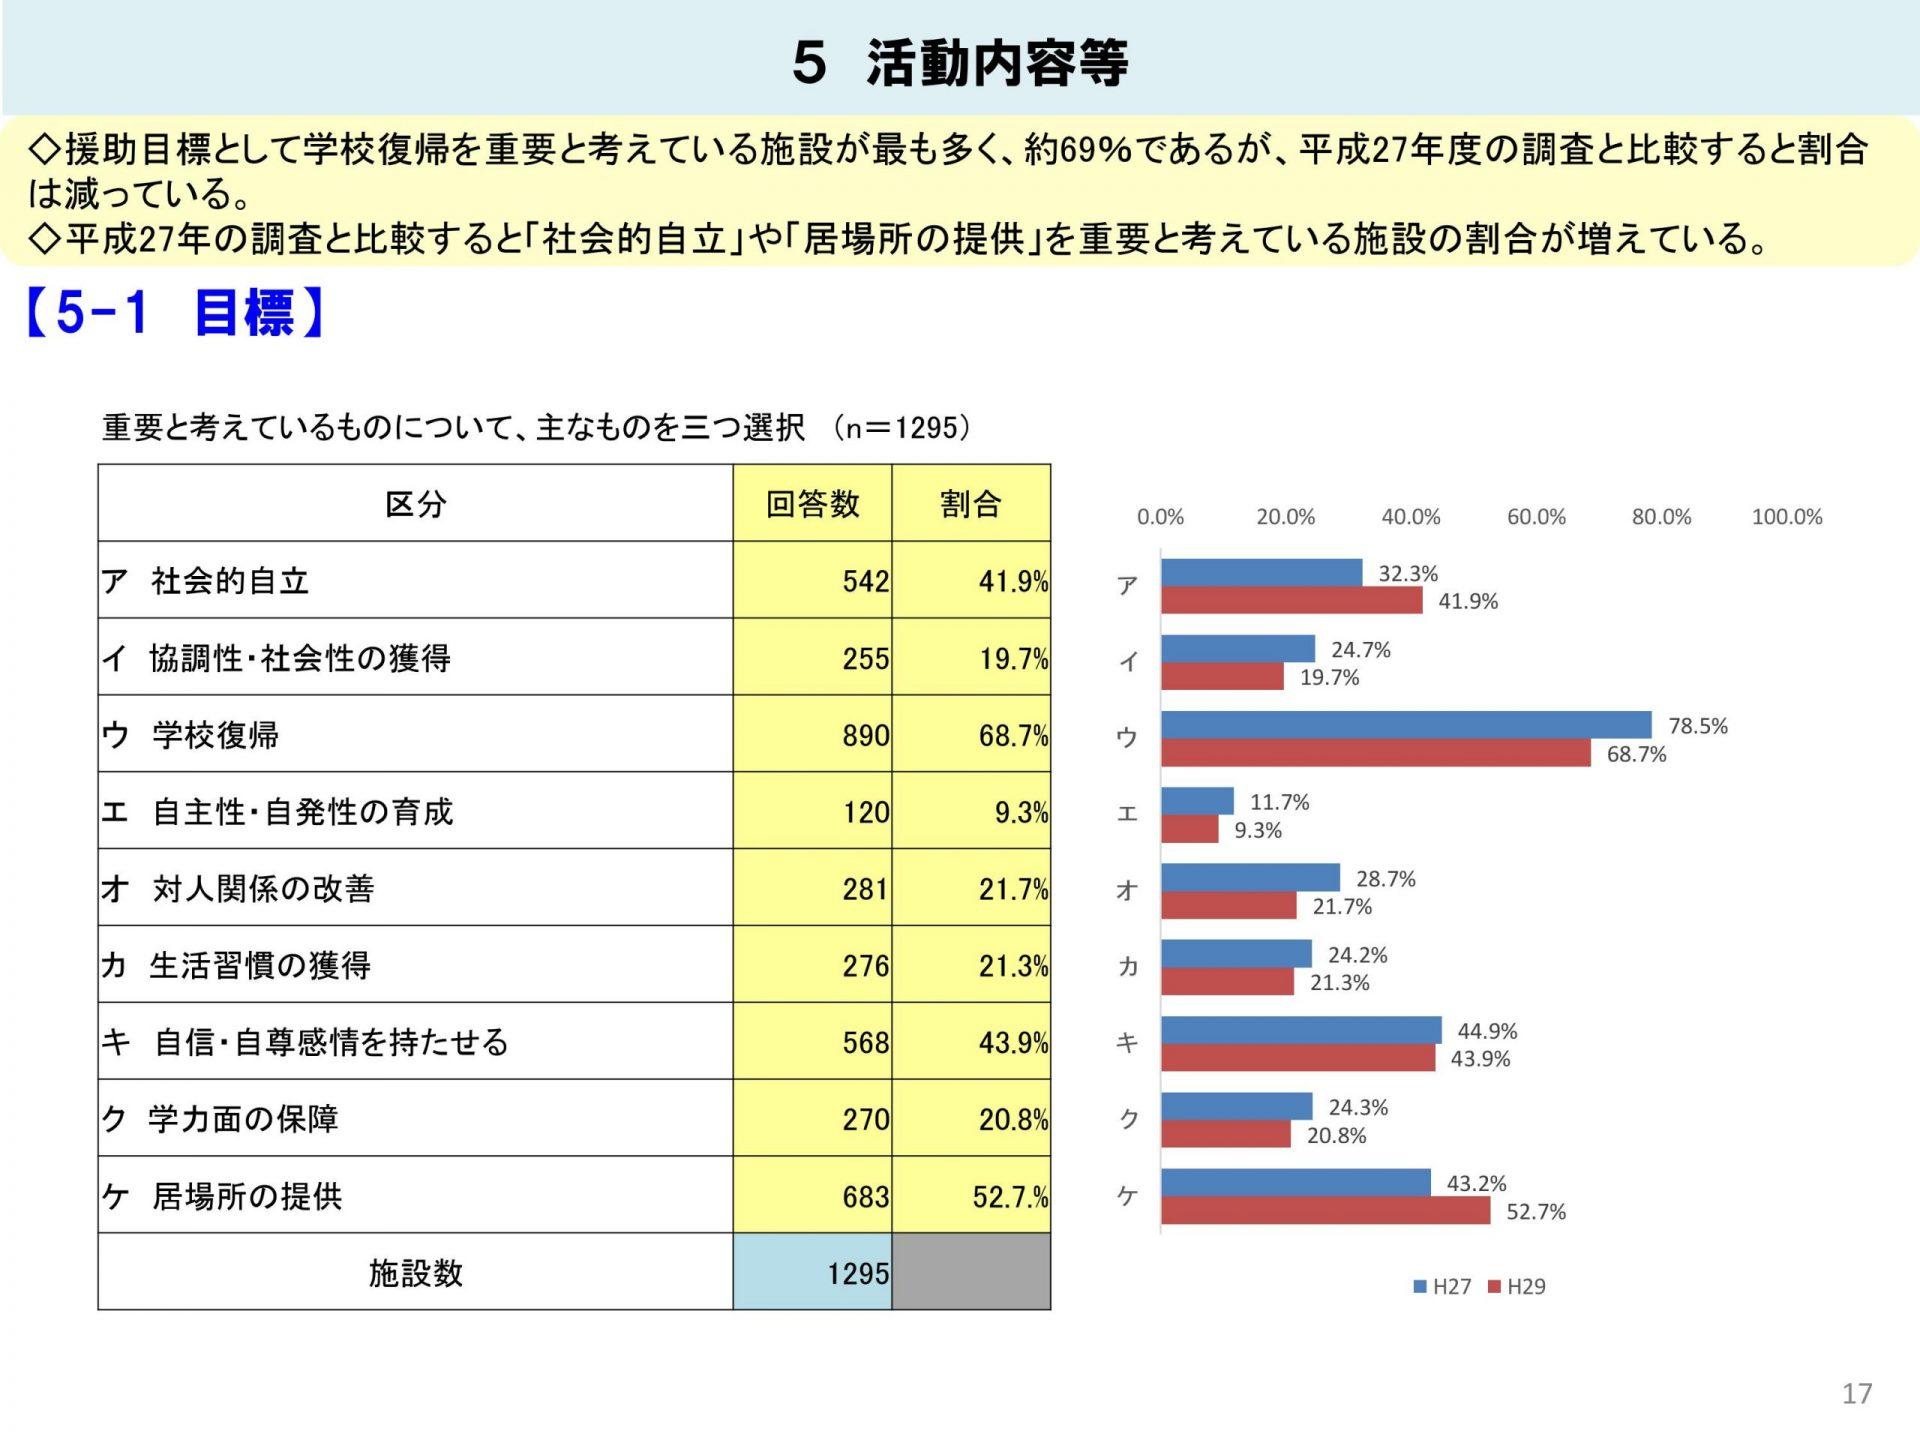 令和元年5月13日に文部科学省が公表した「教育支援センター(適応指導教室)に関する実態調査」結果